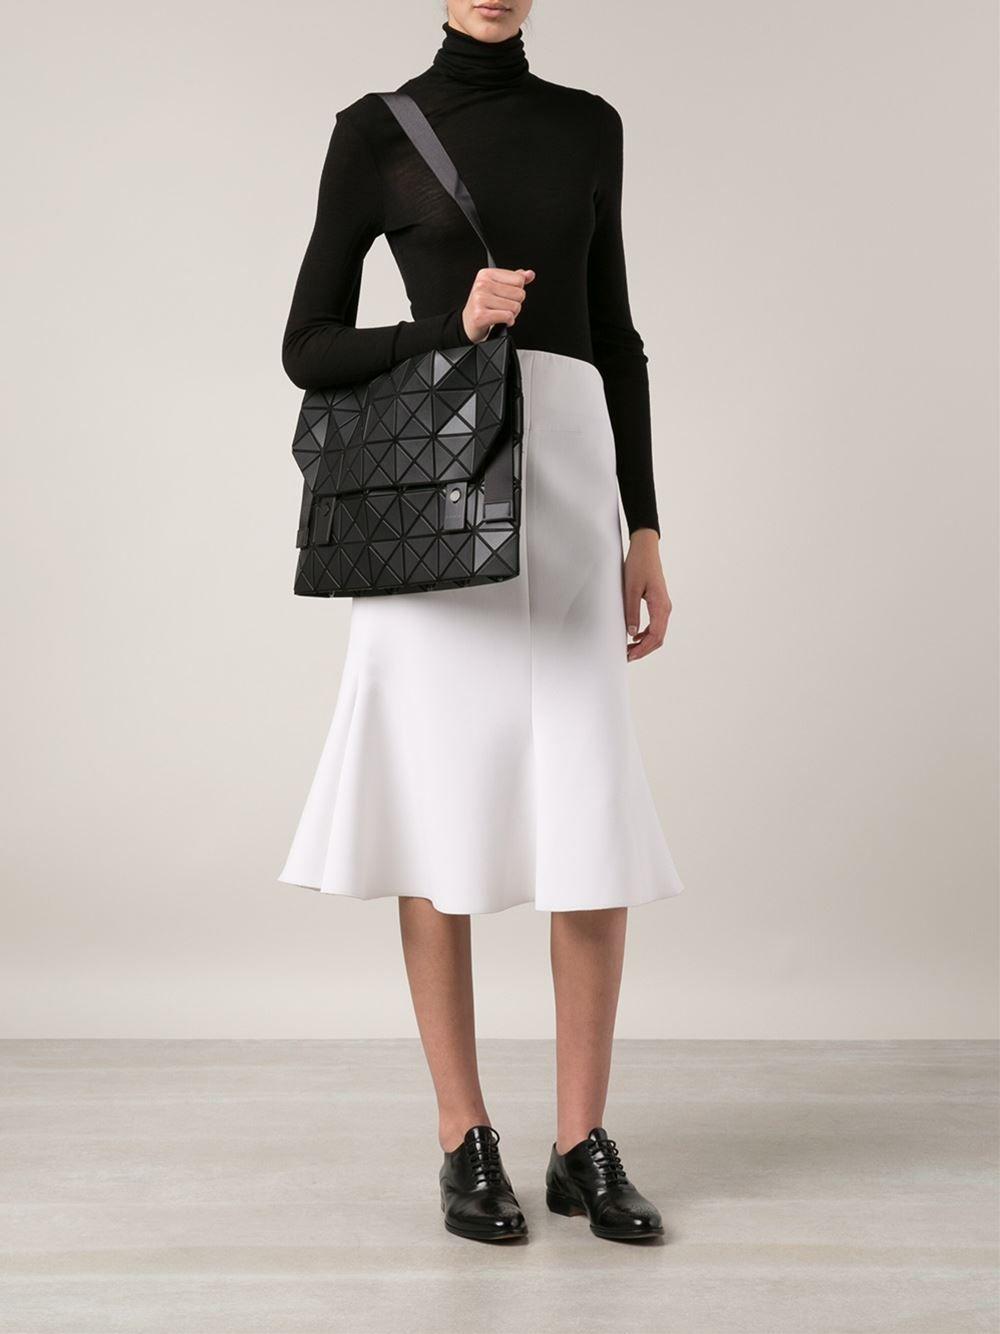 c1feb2cb32 Bao Bao Issey Miyake  prism  Shoulder Bag - Odd. - Farfetch.com ...